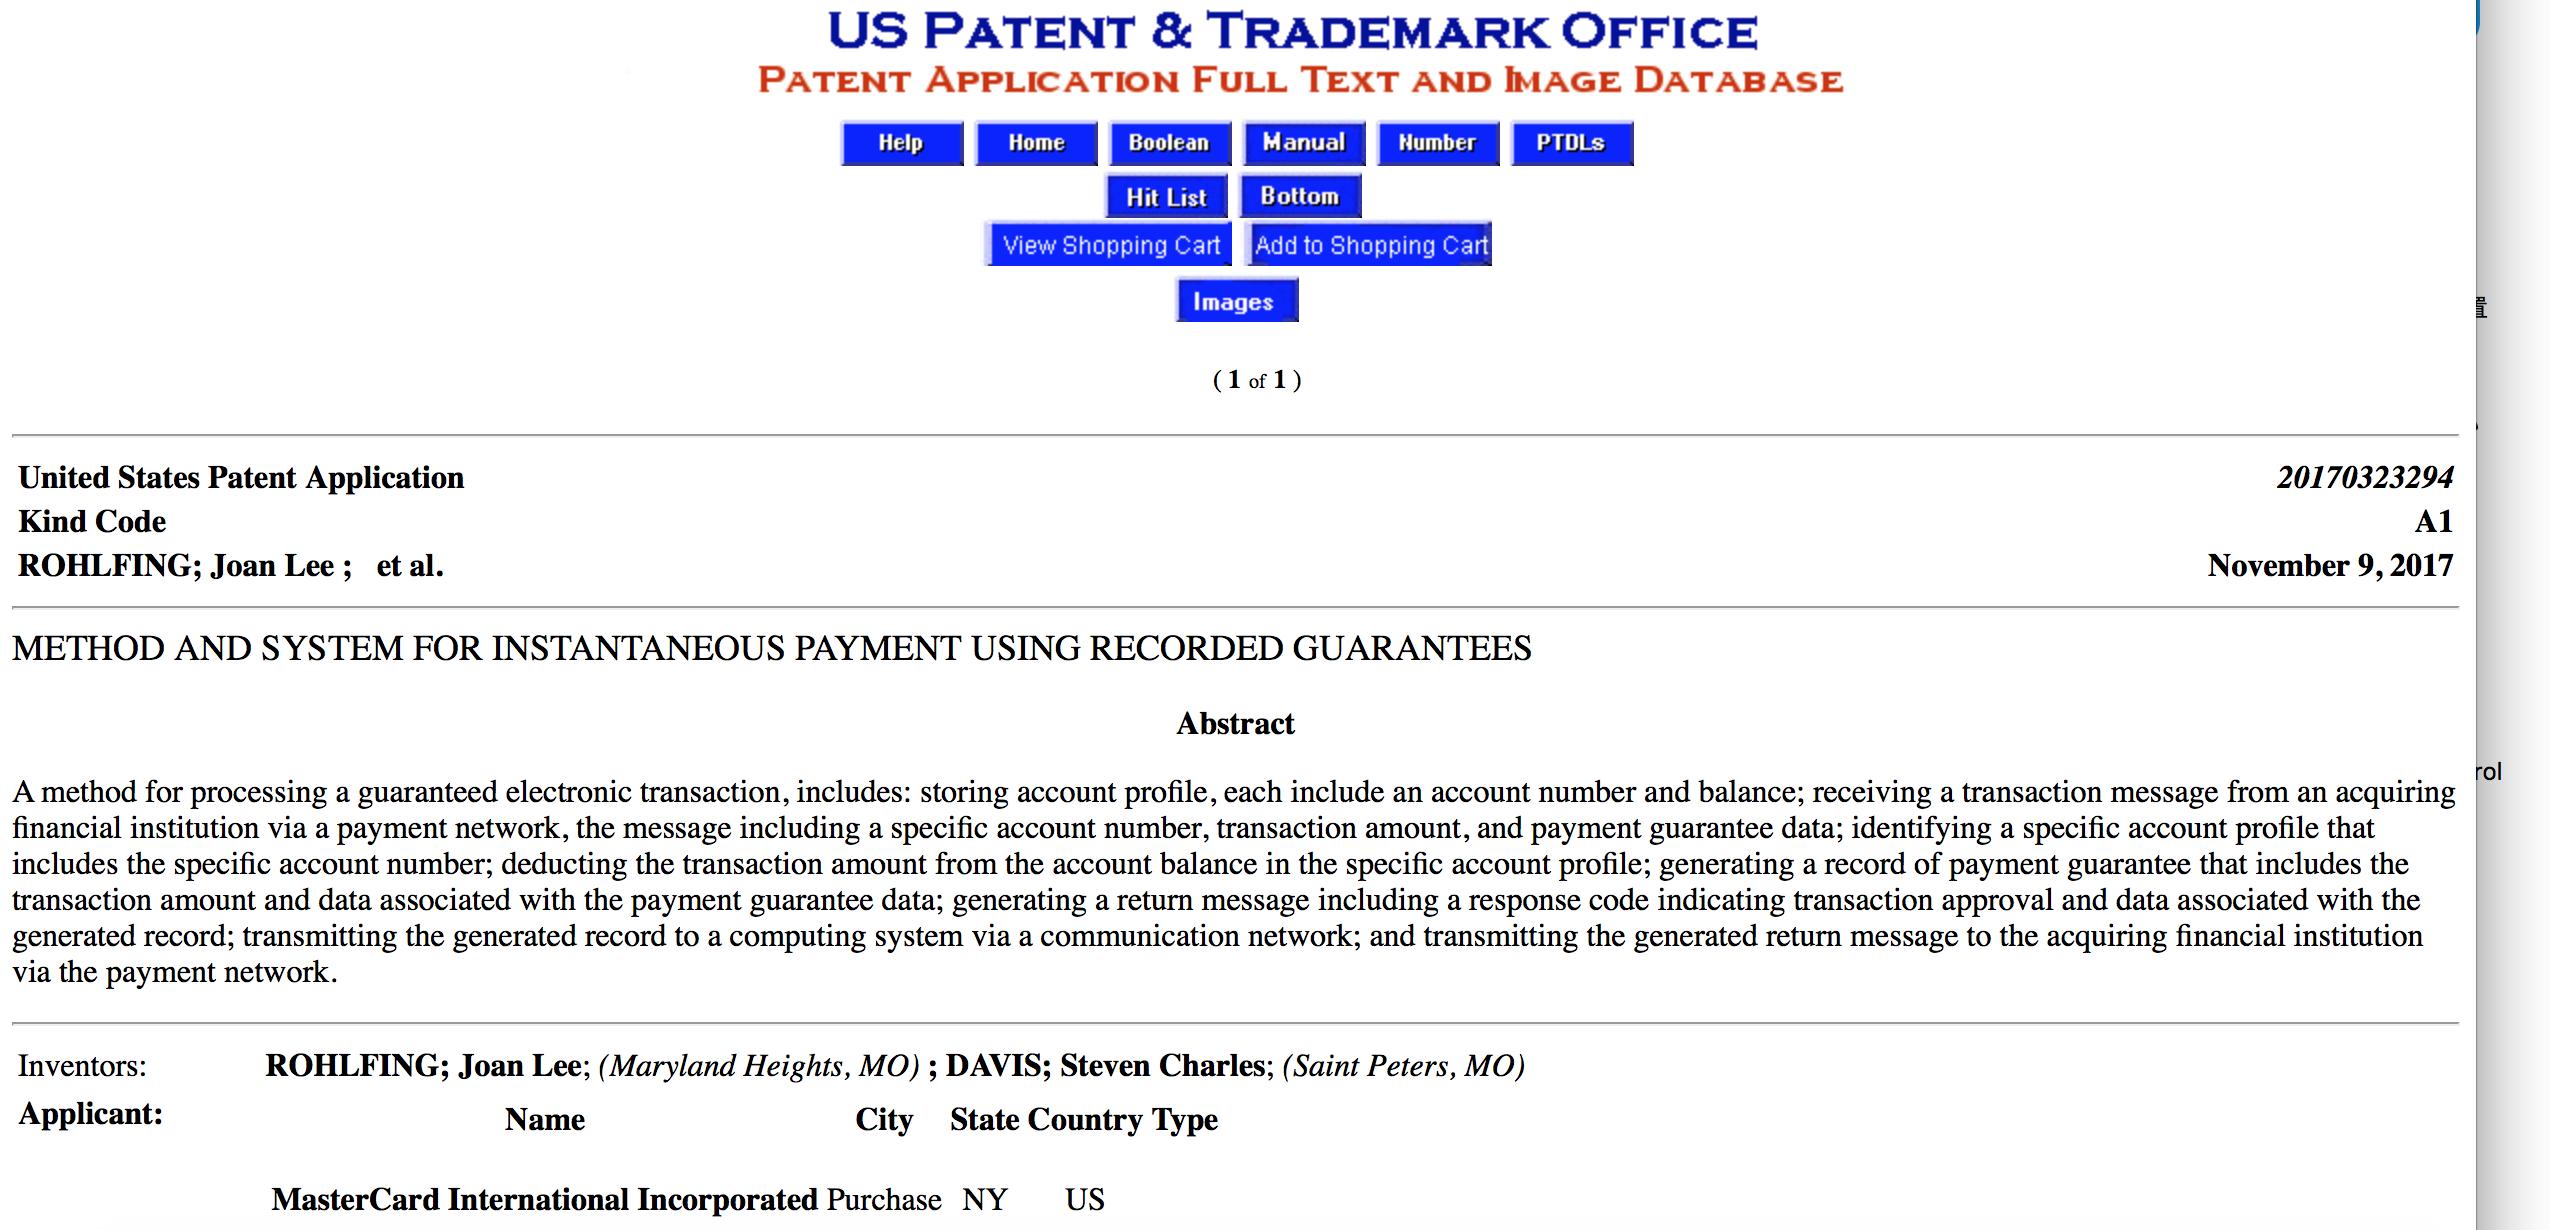 万事达申请区块链技术专利,以期提高支付结算效率 (2)